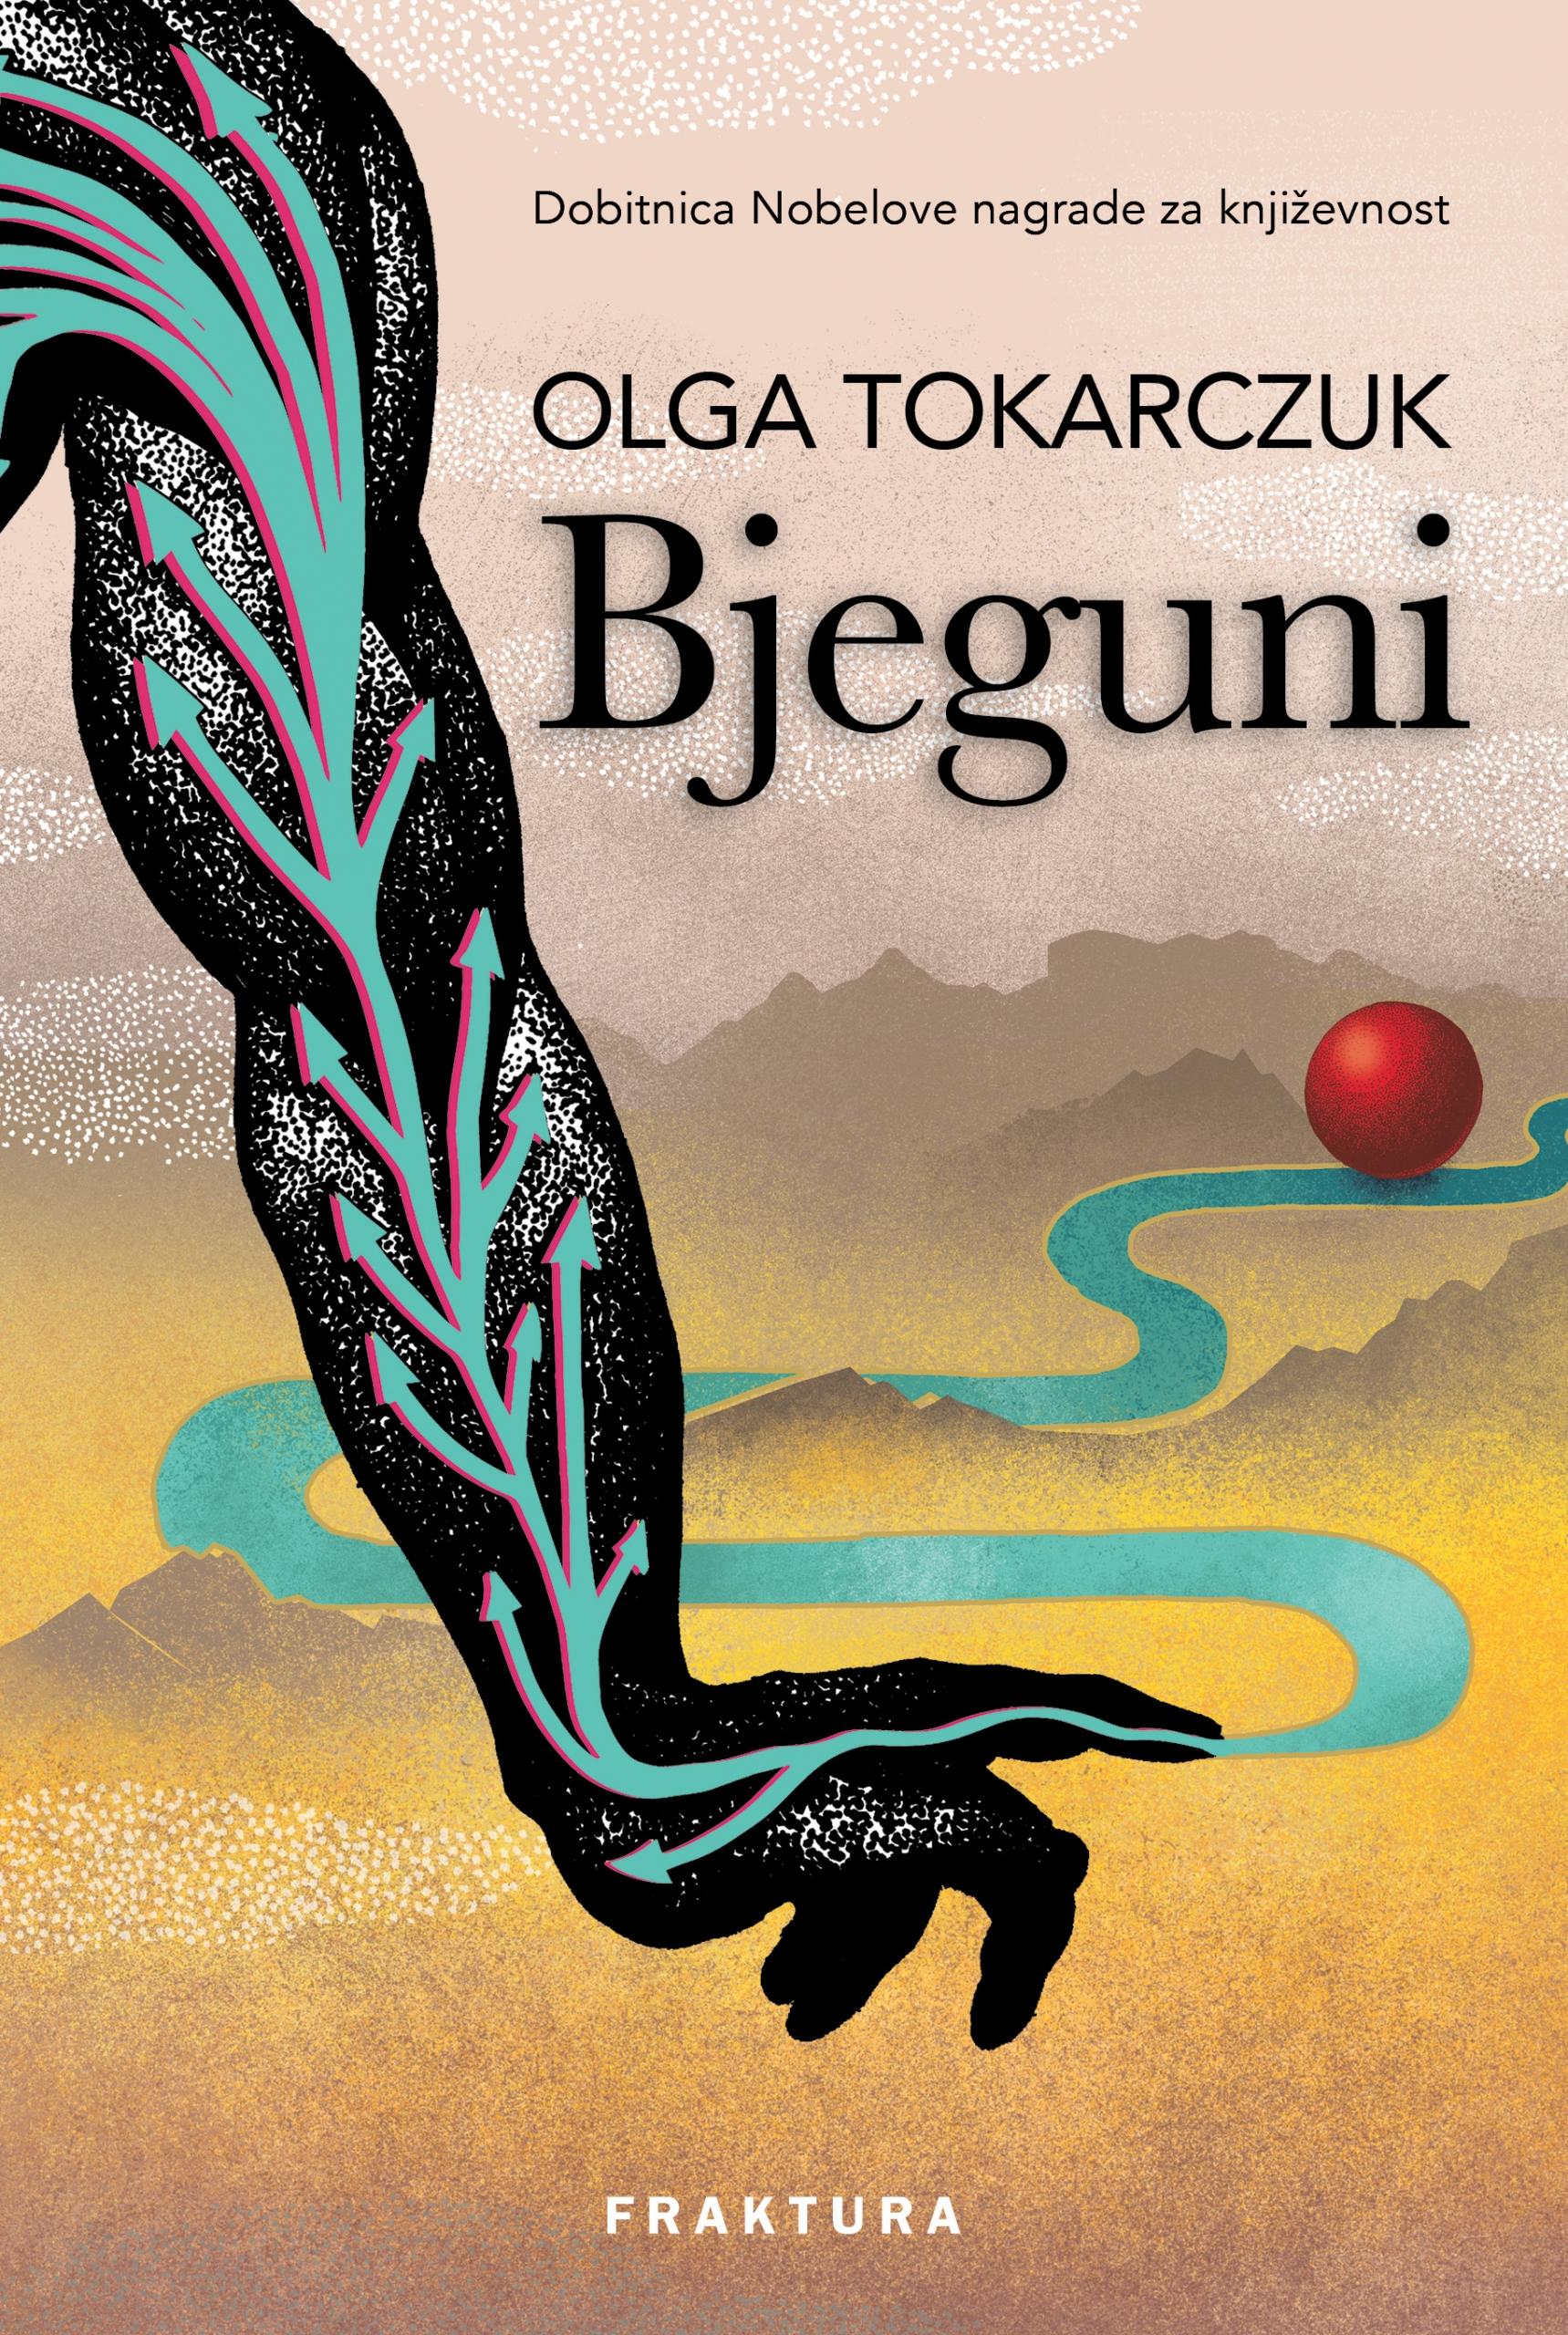 Knjiga Bjeguni - Olga Tokarczuk slika naslovnice